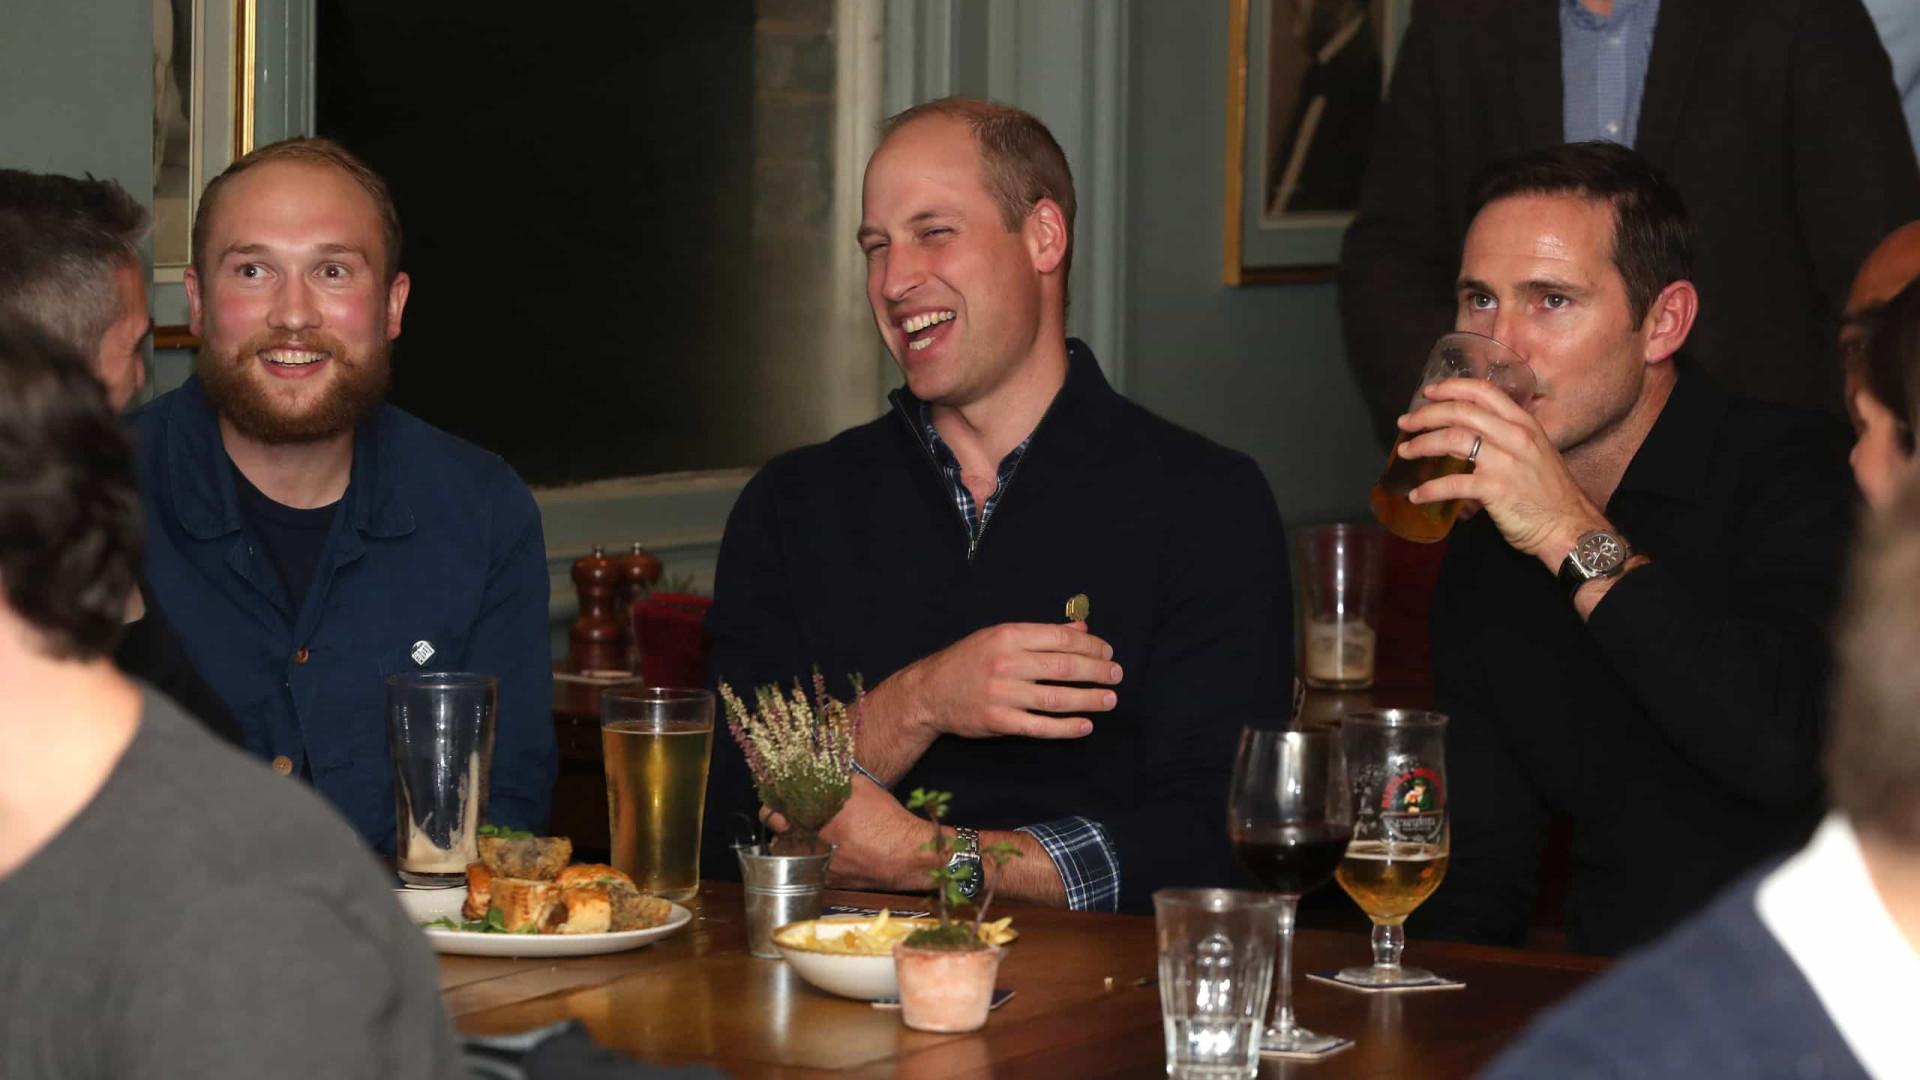 Príncipe William assiste a jogo de futebol... em pub londrino